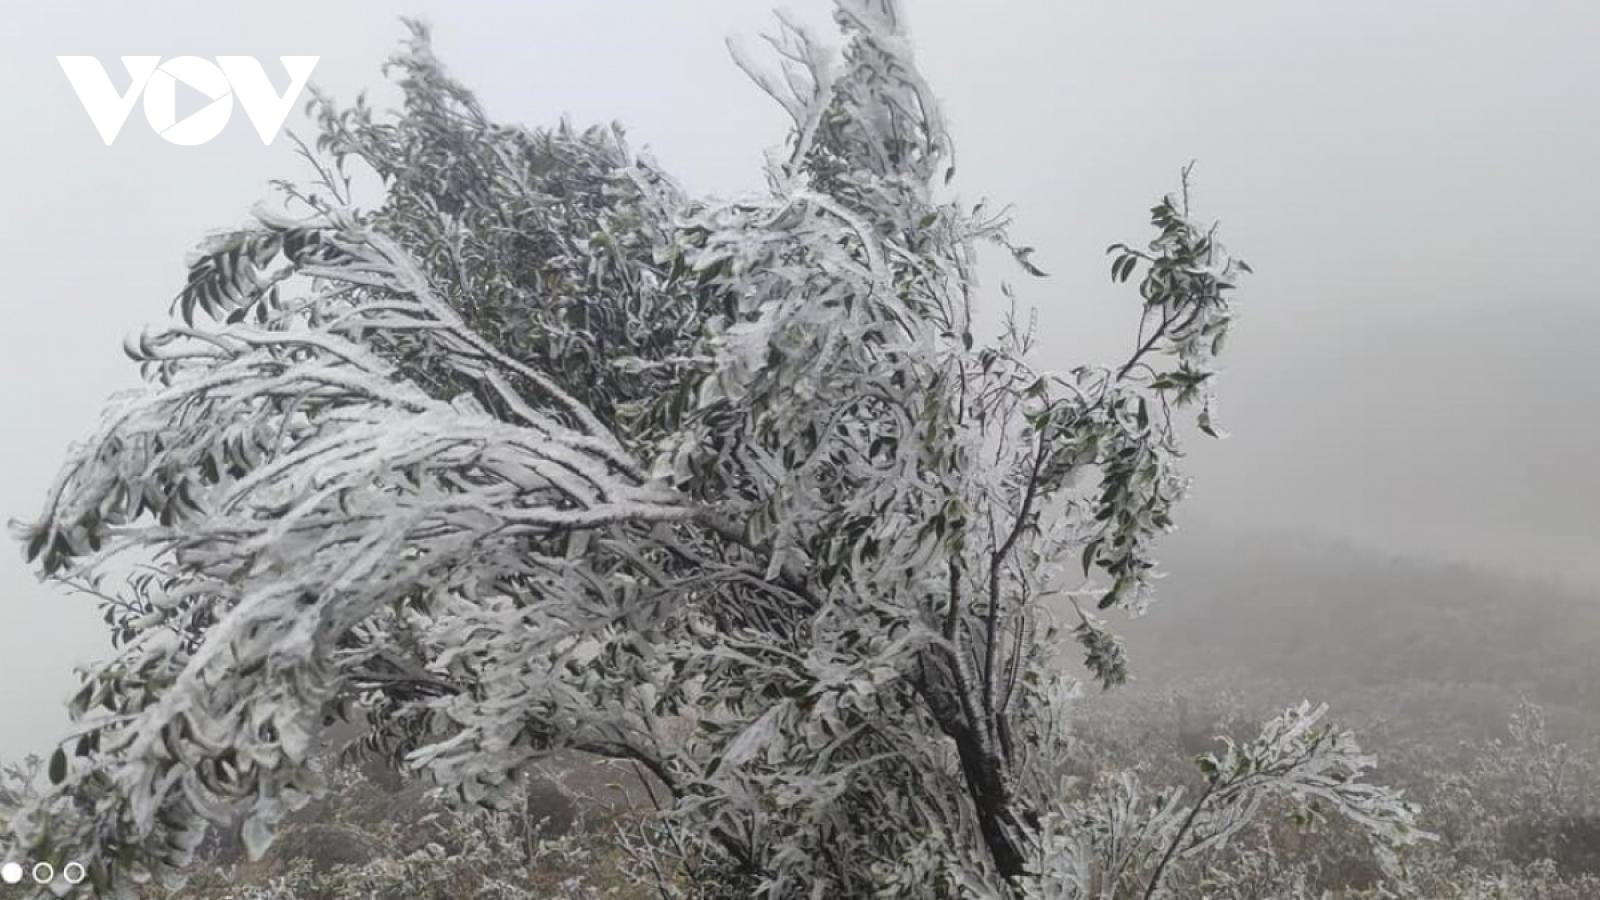 Dự báo thời tiết hôm nay: Vùng núi cao có khả năng xảy ra băng giá, mưa tuyết